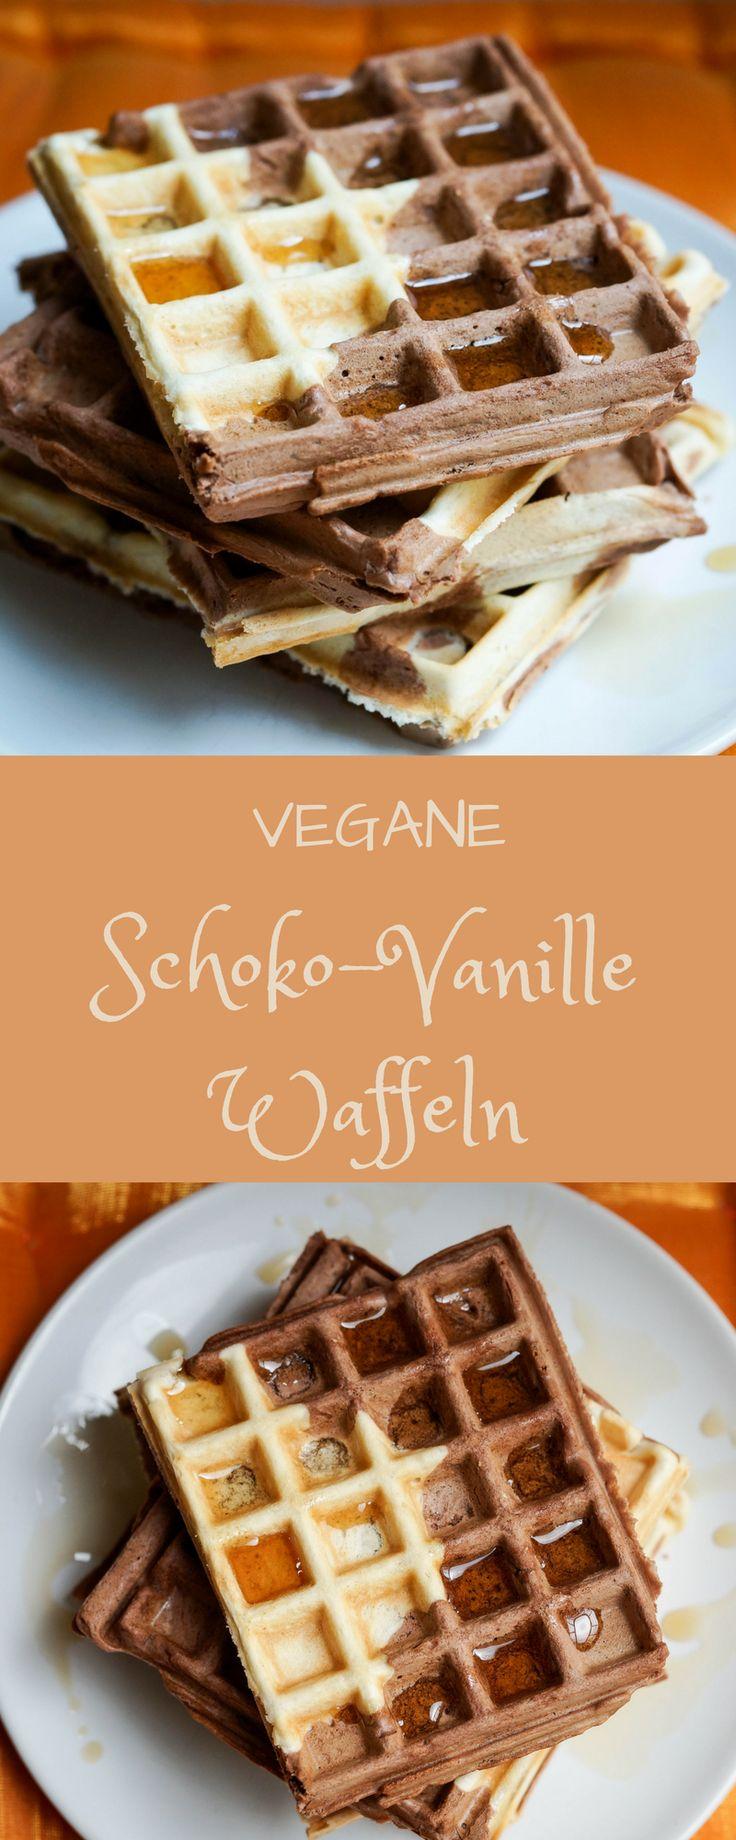 Vegane Waffeln. Rezept. #waffeln